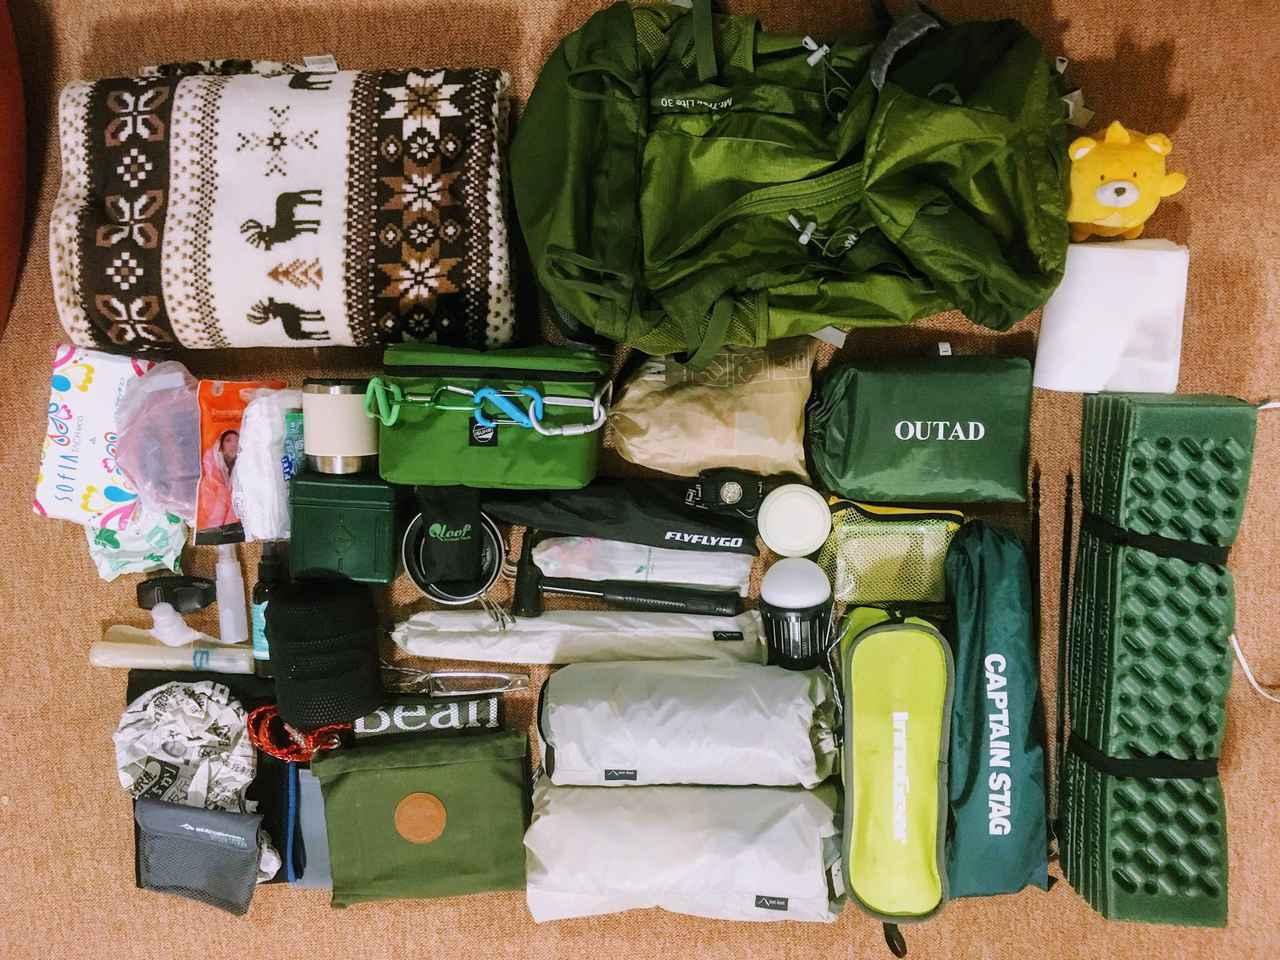 画像: ソロキャンプのパッキングのコツを4つ紹介! バックパックへの収納術を解説 - ハピキャン|キャンプ・アウトドア情報メディア